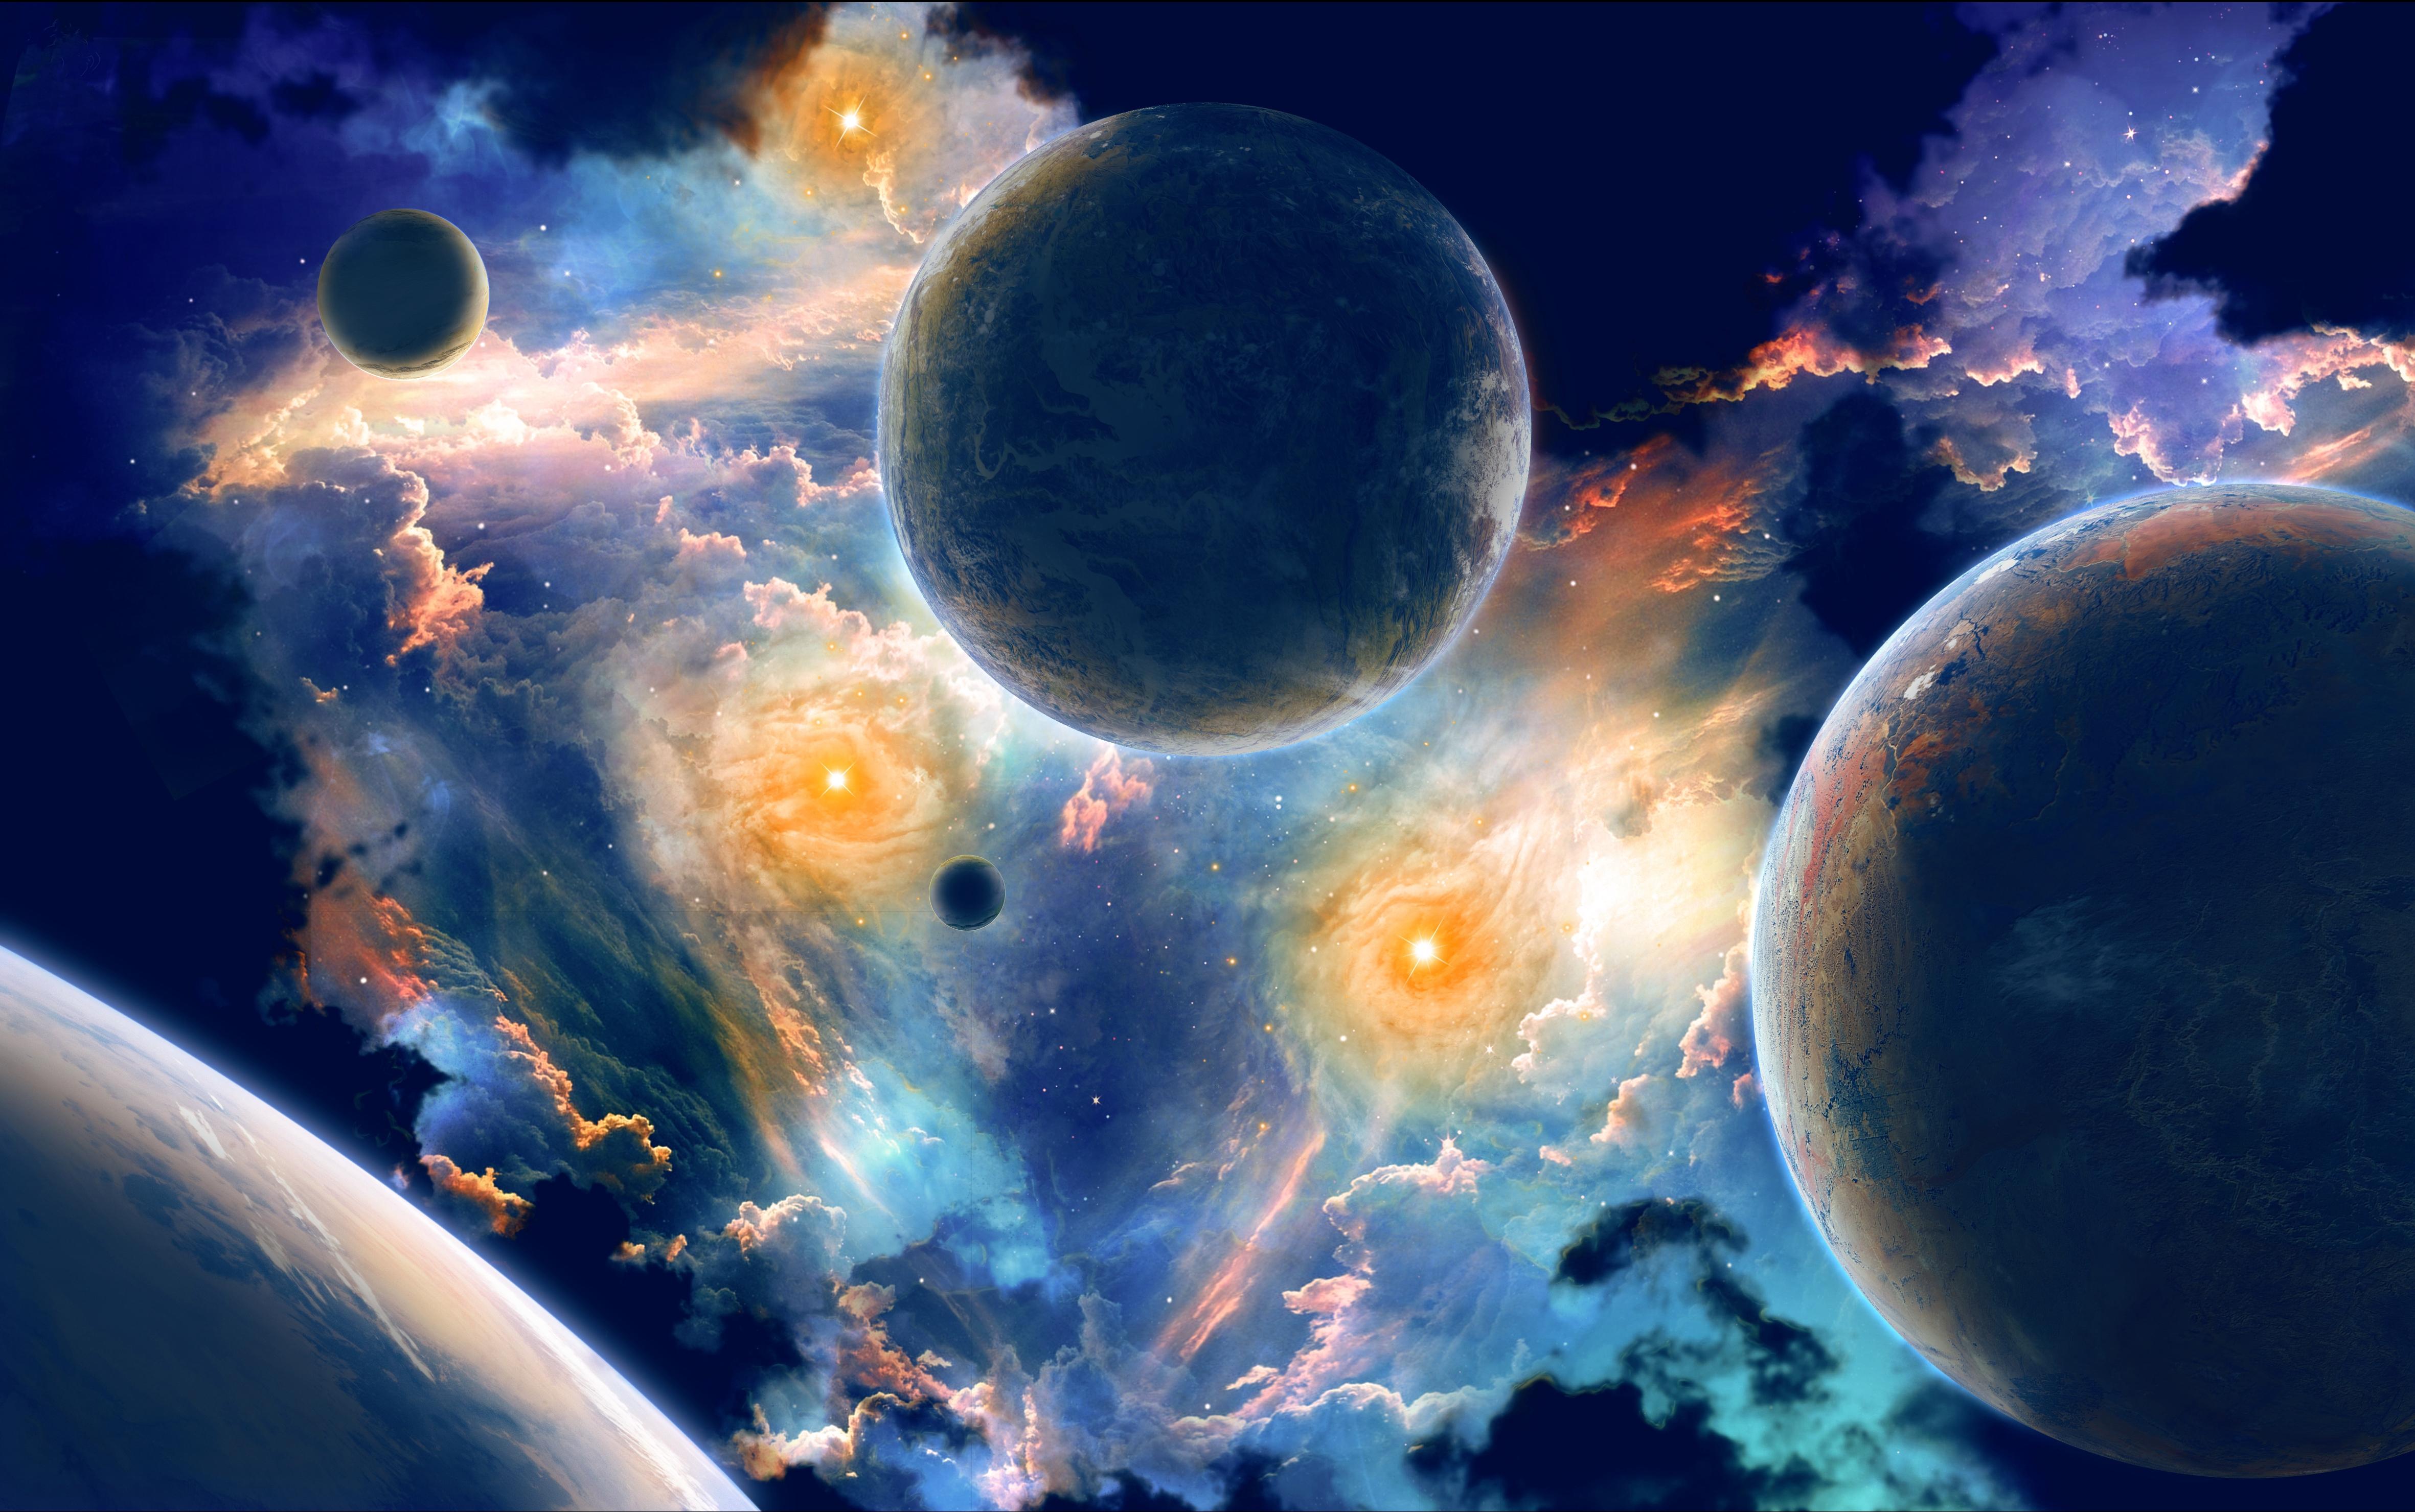 космос, вселенная, планеты